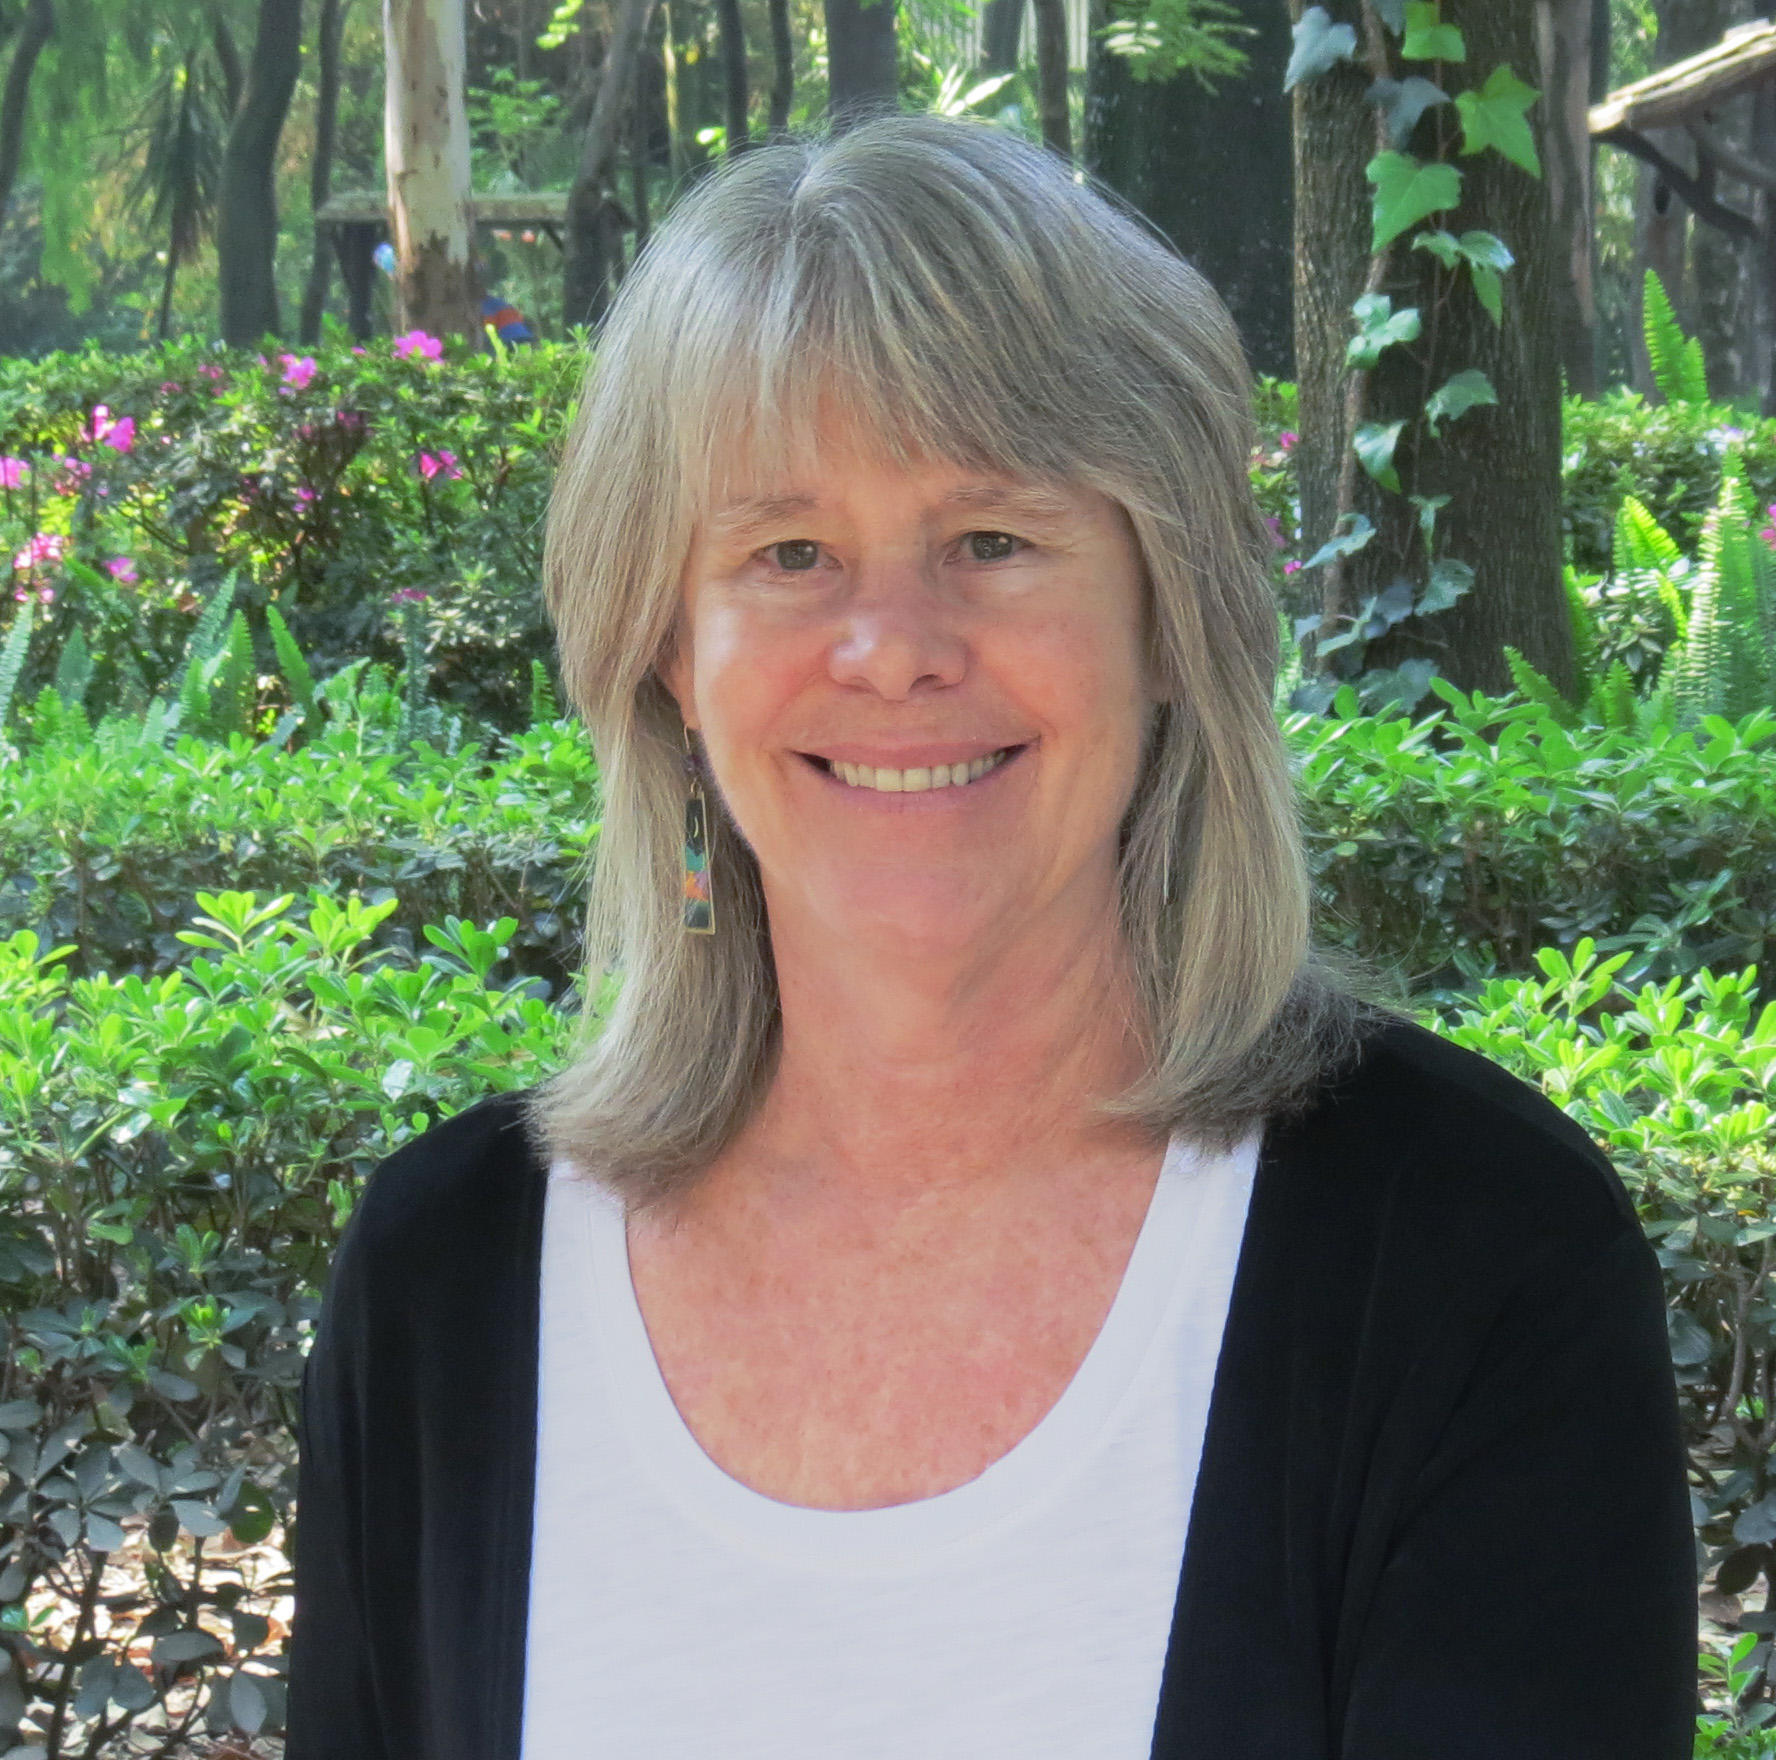 Megan Epler Wood